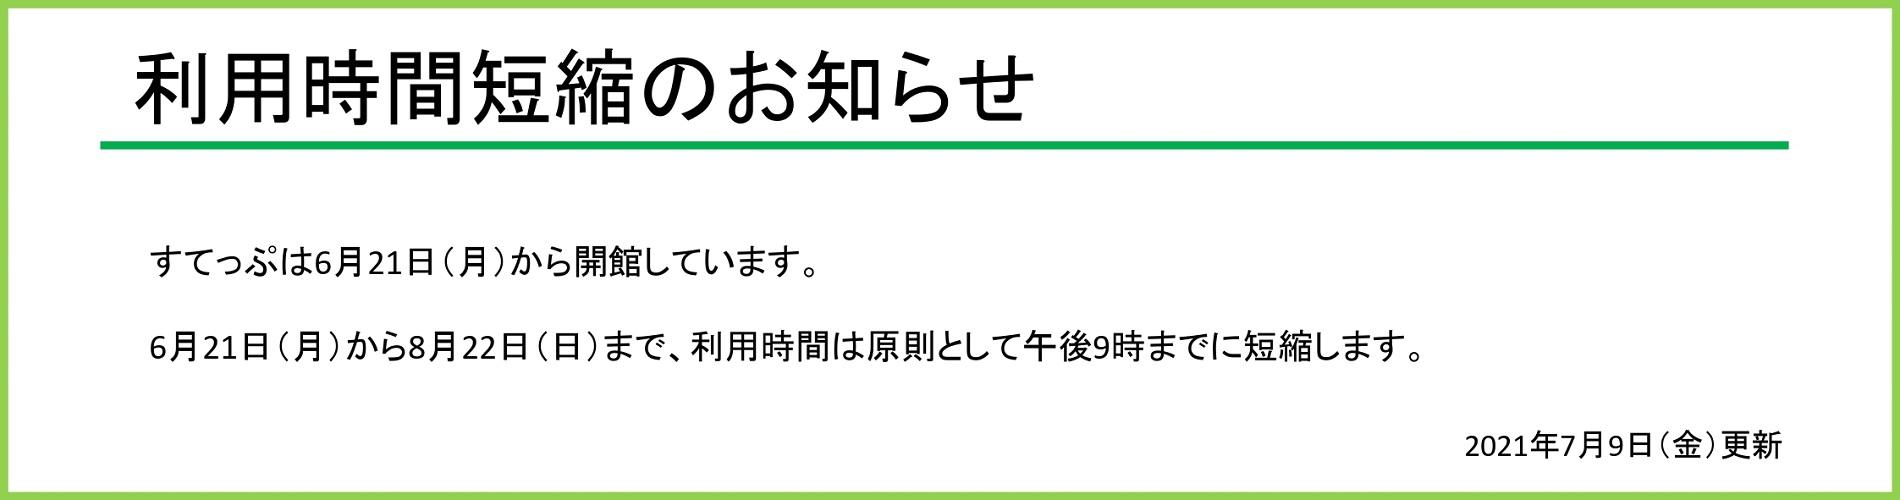 すてっぷは6月21日(月)から開館しています